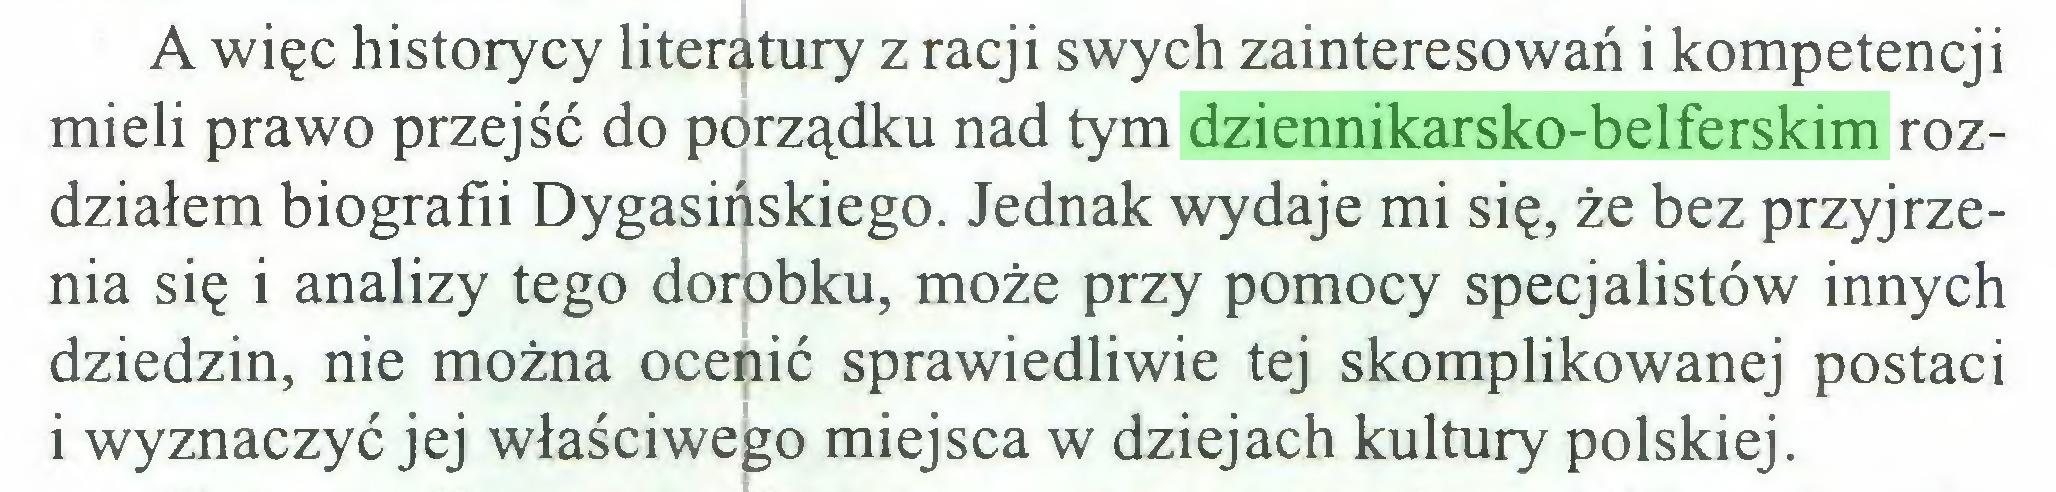 (...) A więc historycy literatury z racji swych zainteresowań i kompetencji mieli prawo przejść do porządku nad tym dziennikarsko-belferskim rozdziałem biografii Dygasińskiego. Jednak wydaje mi się, że bez przyjrzenia się i analizy tego dorobku, może przy pomocy specjalistów innych dziedzin, nie można ocenić sprawiedliwie tej skomplikowanej postaci i wyznaczyć jej właściwego miejsca w dziejach kultury polskiej...